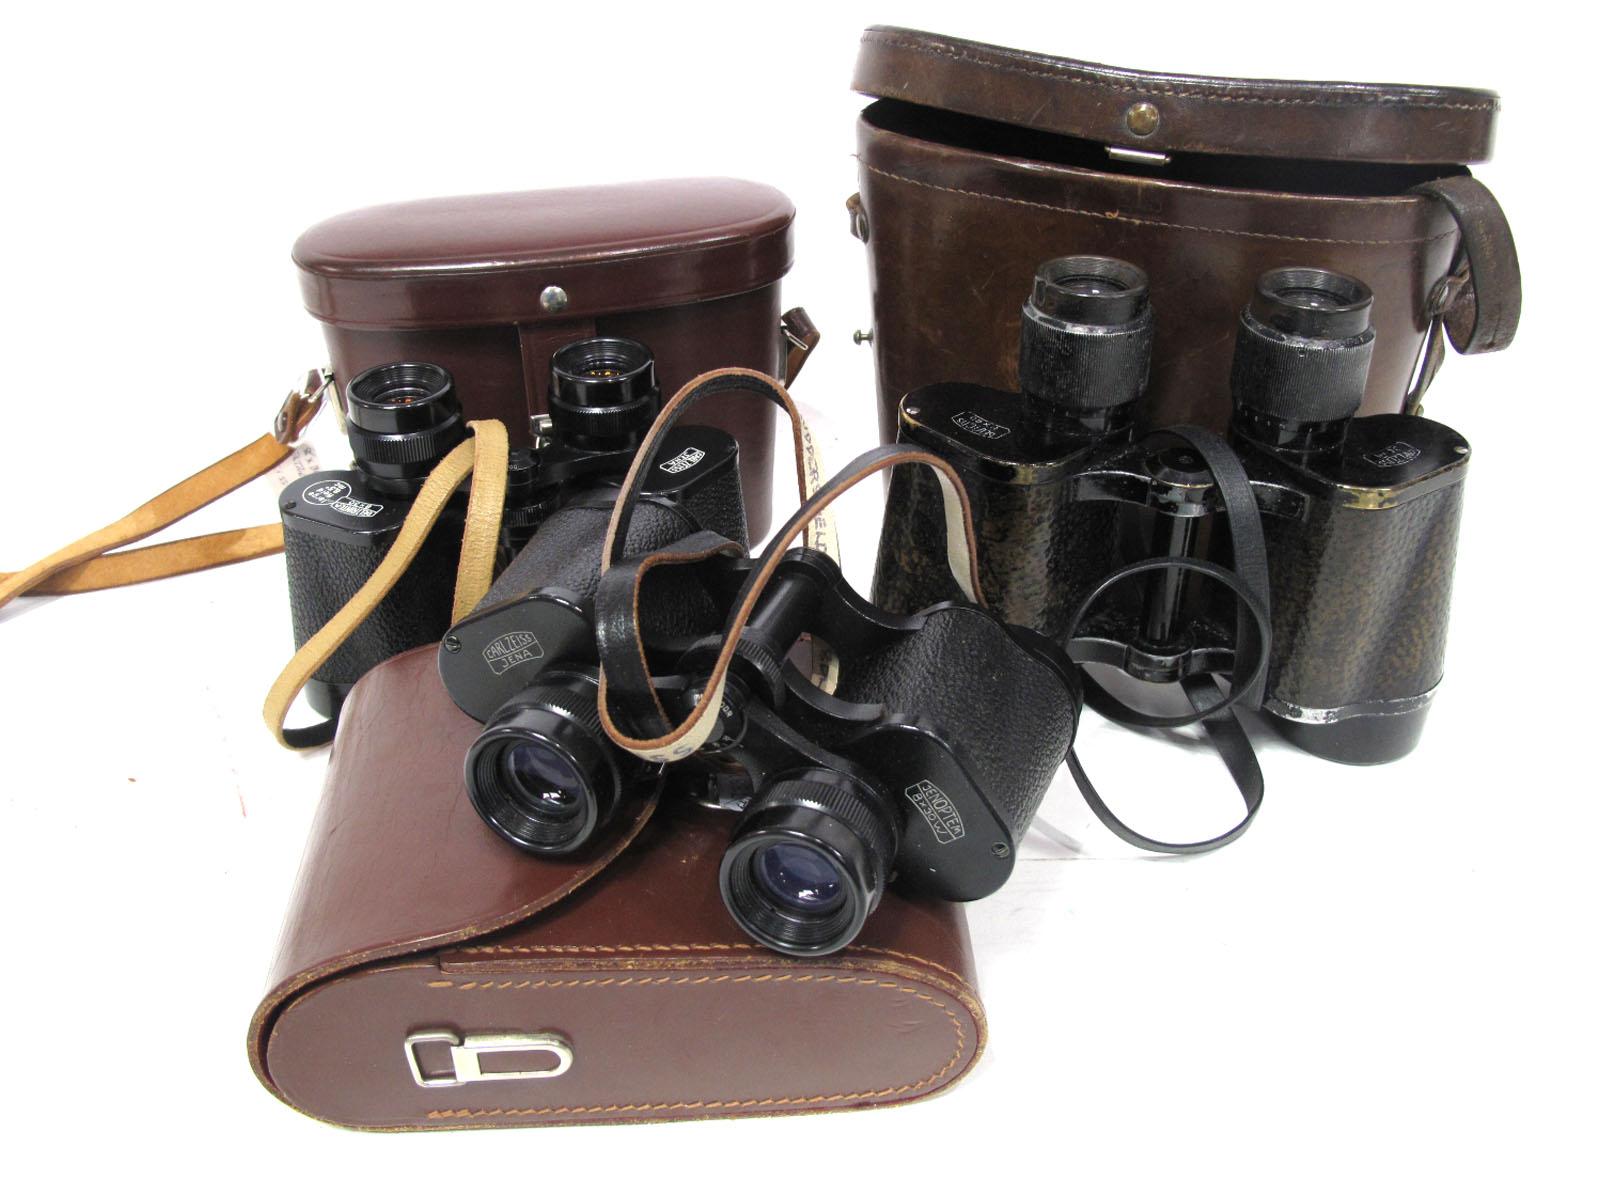 Binoculars Carl Zeiss Delactis, 8 x 40 in leather case, Carl Zeiss Deltrintem 8 x 30 large field 8.5